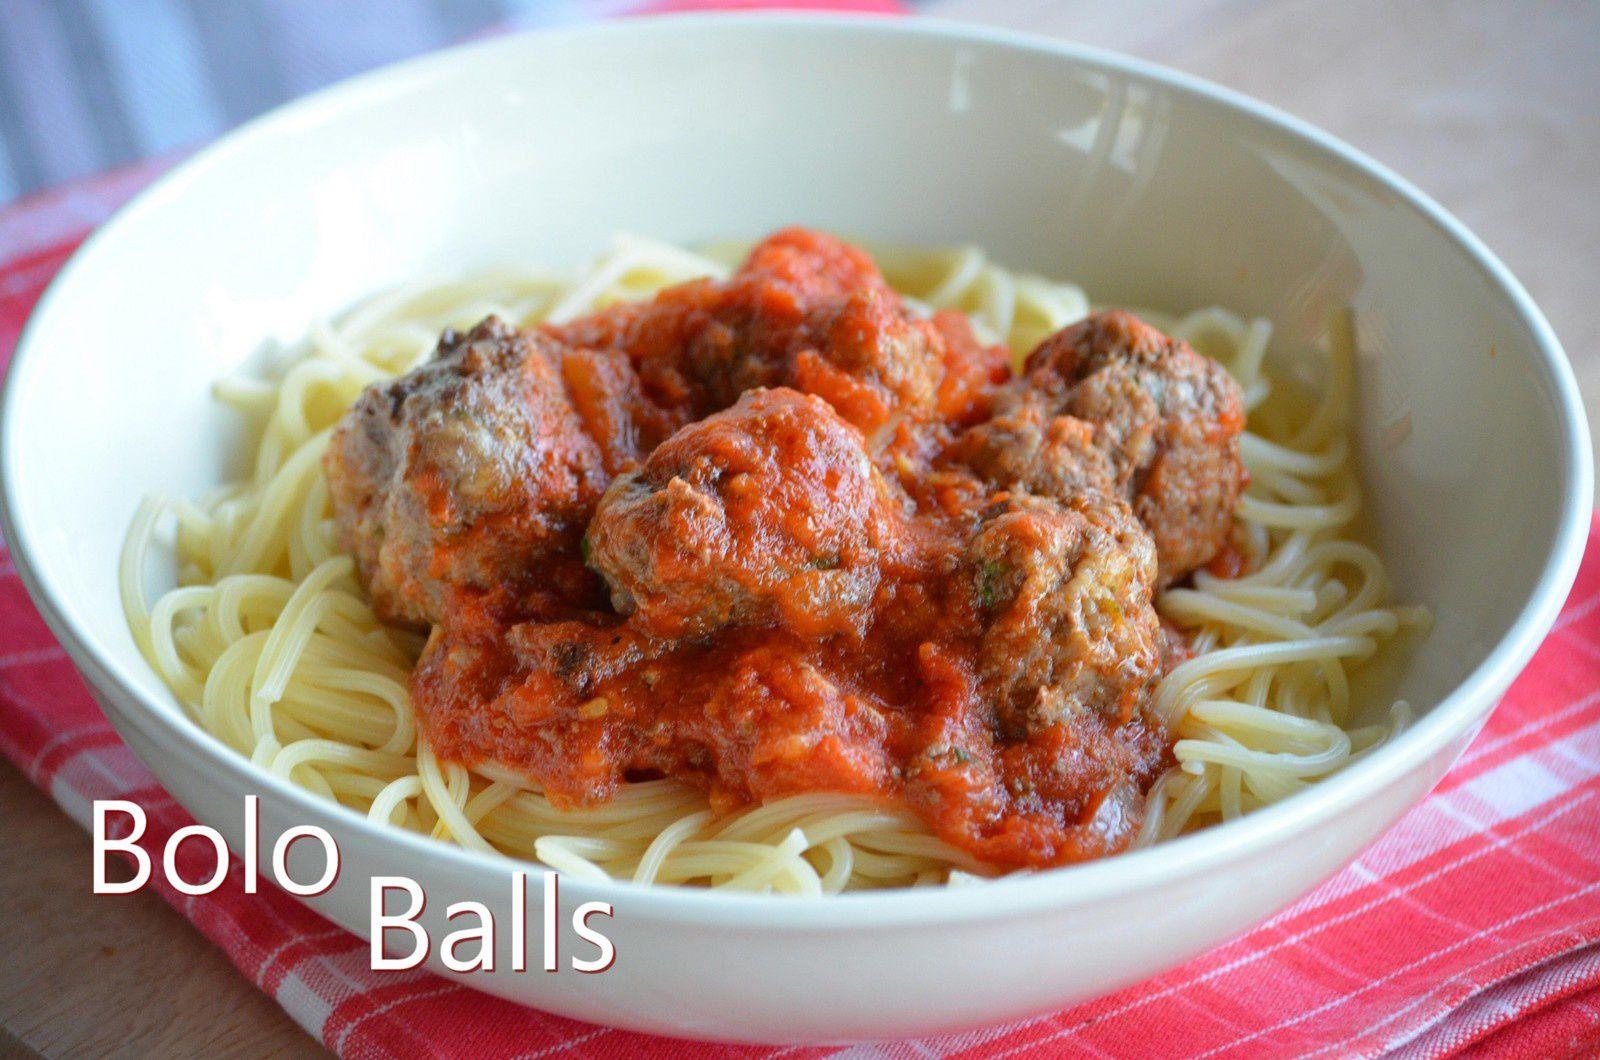 Bolo Balls